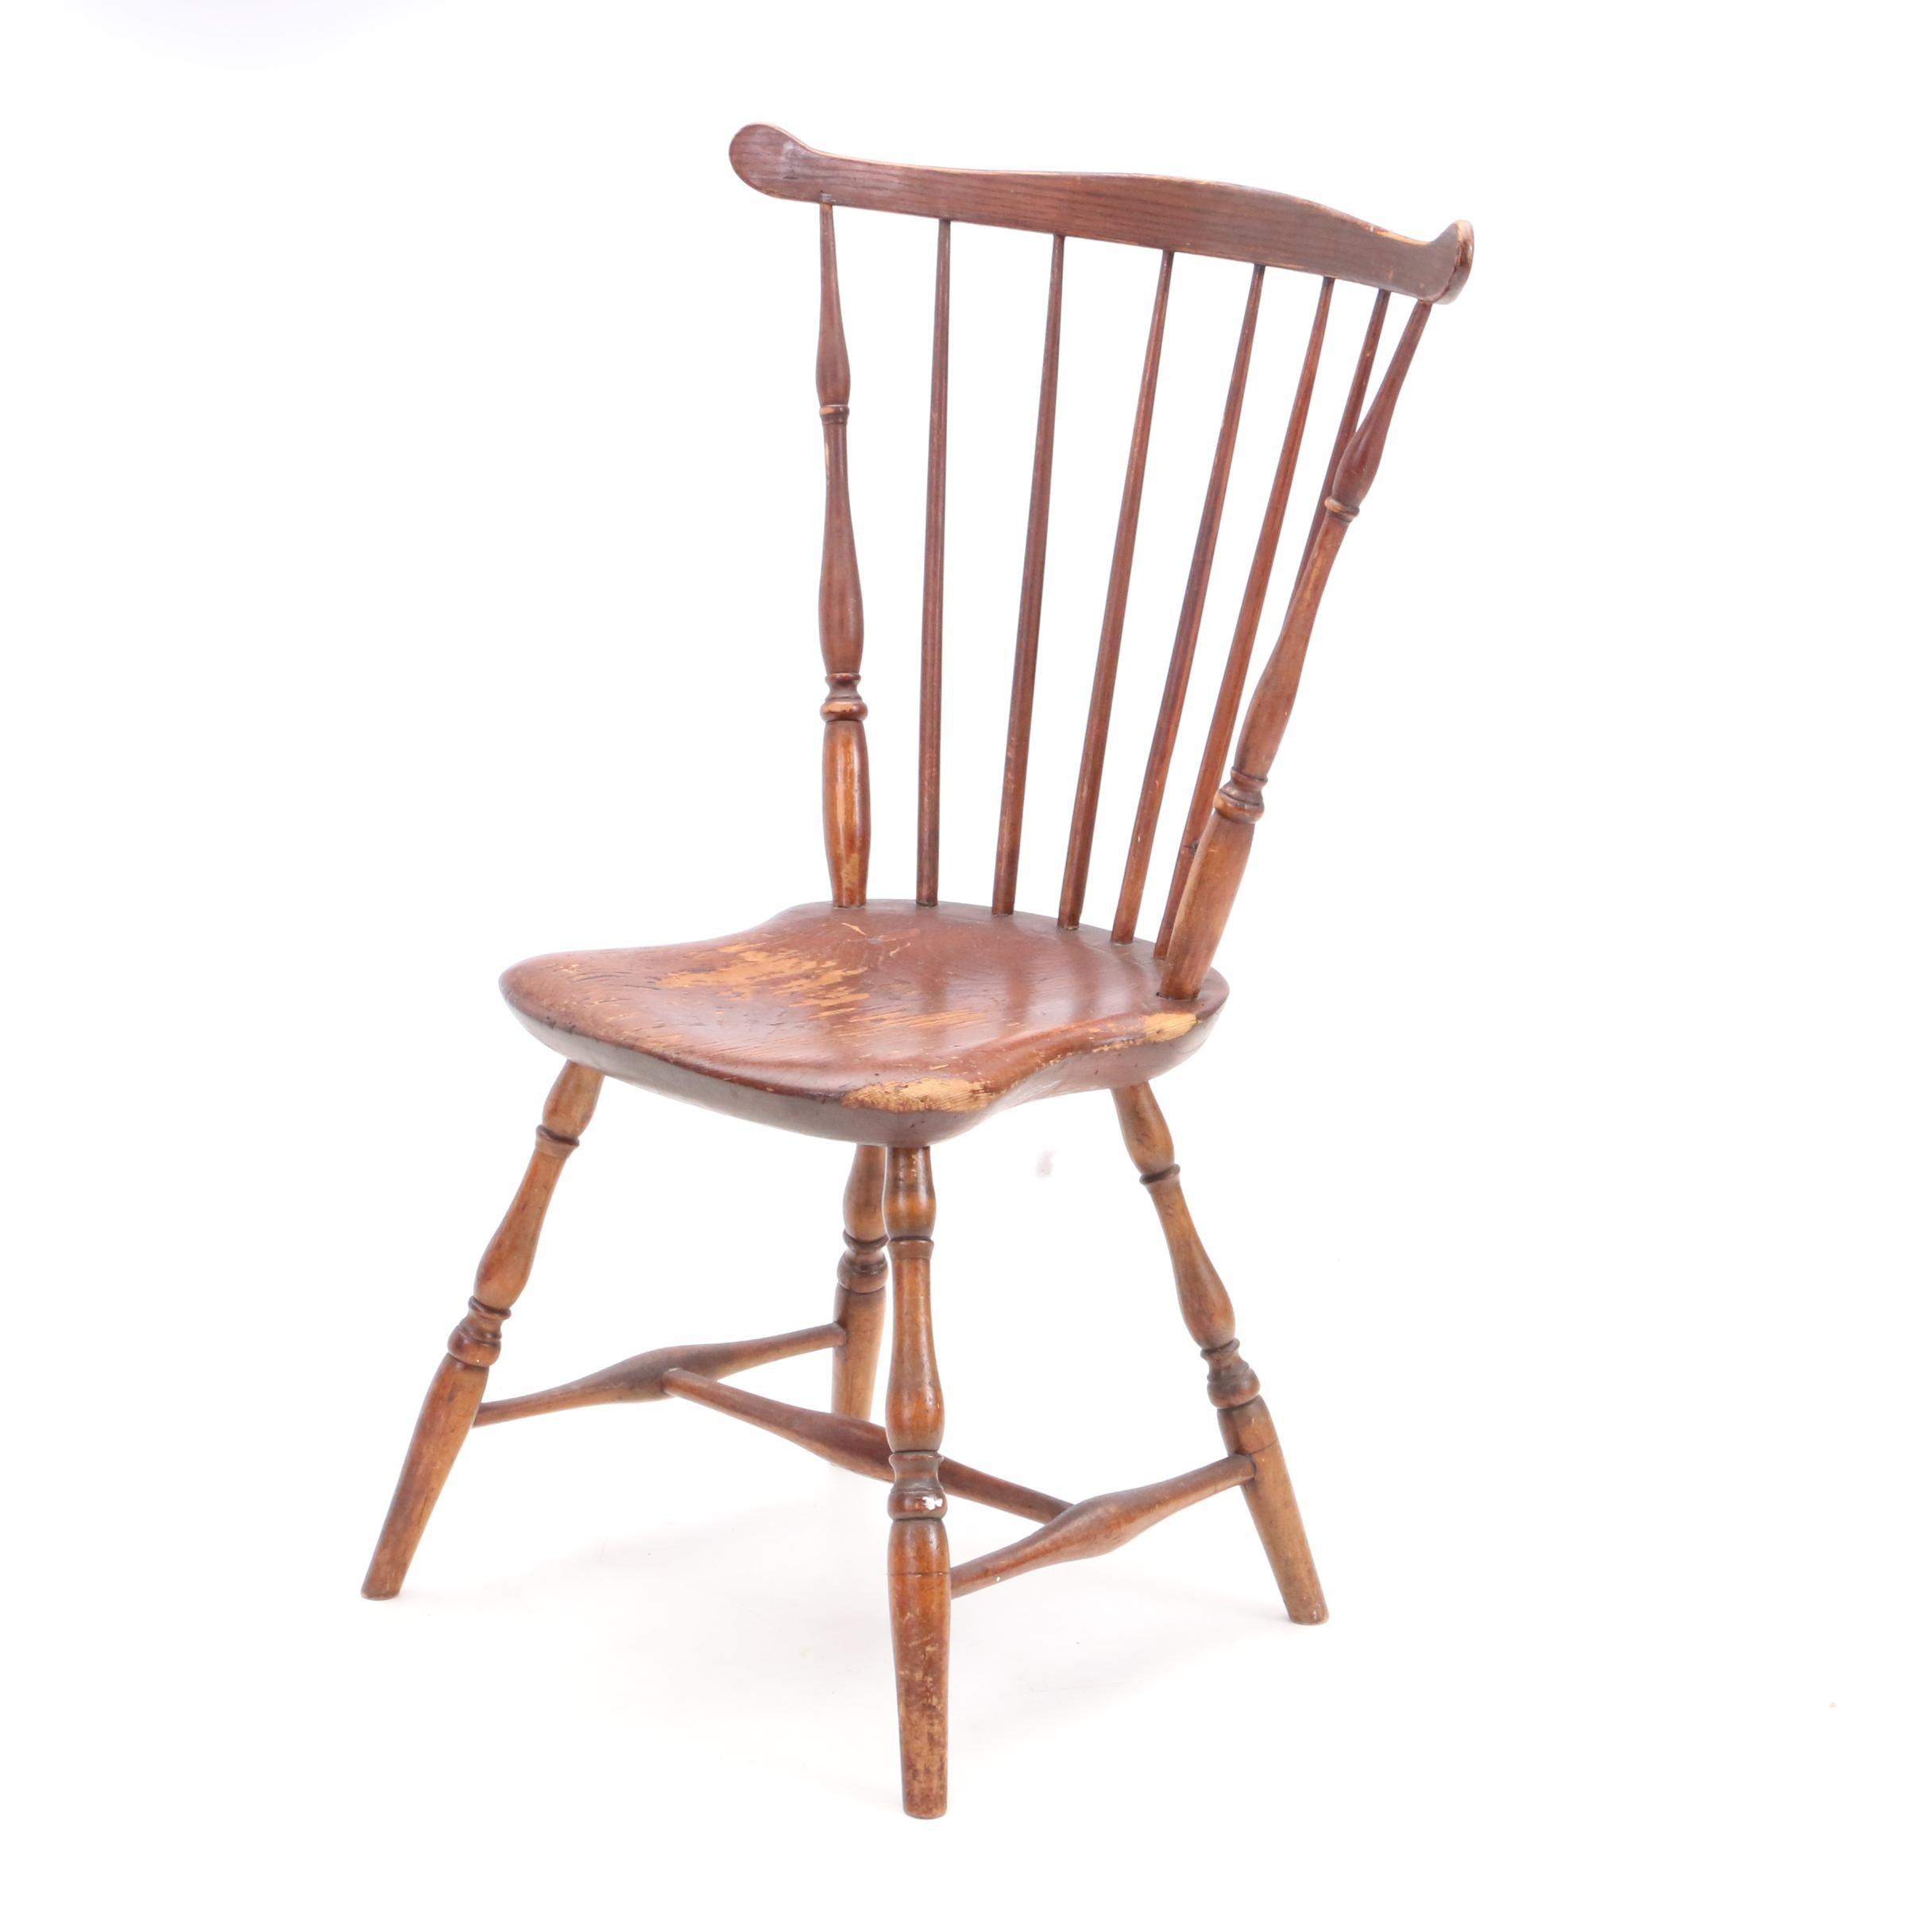 Antique American Fan-Back Windsor Chair